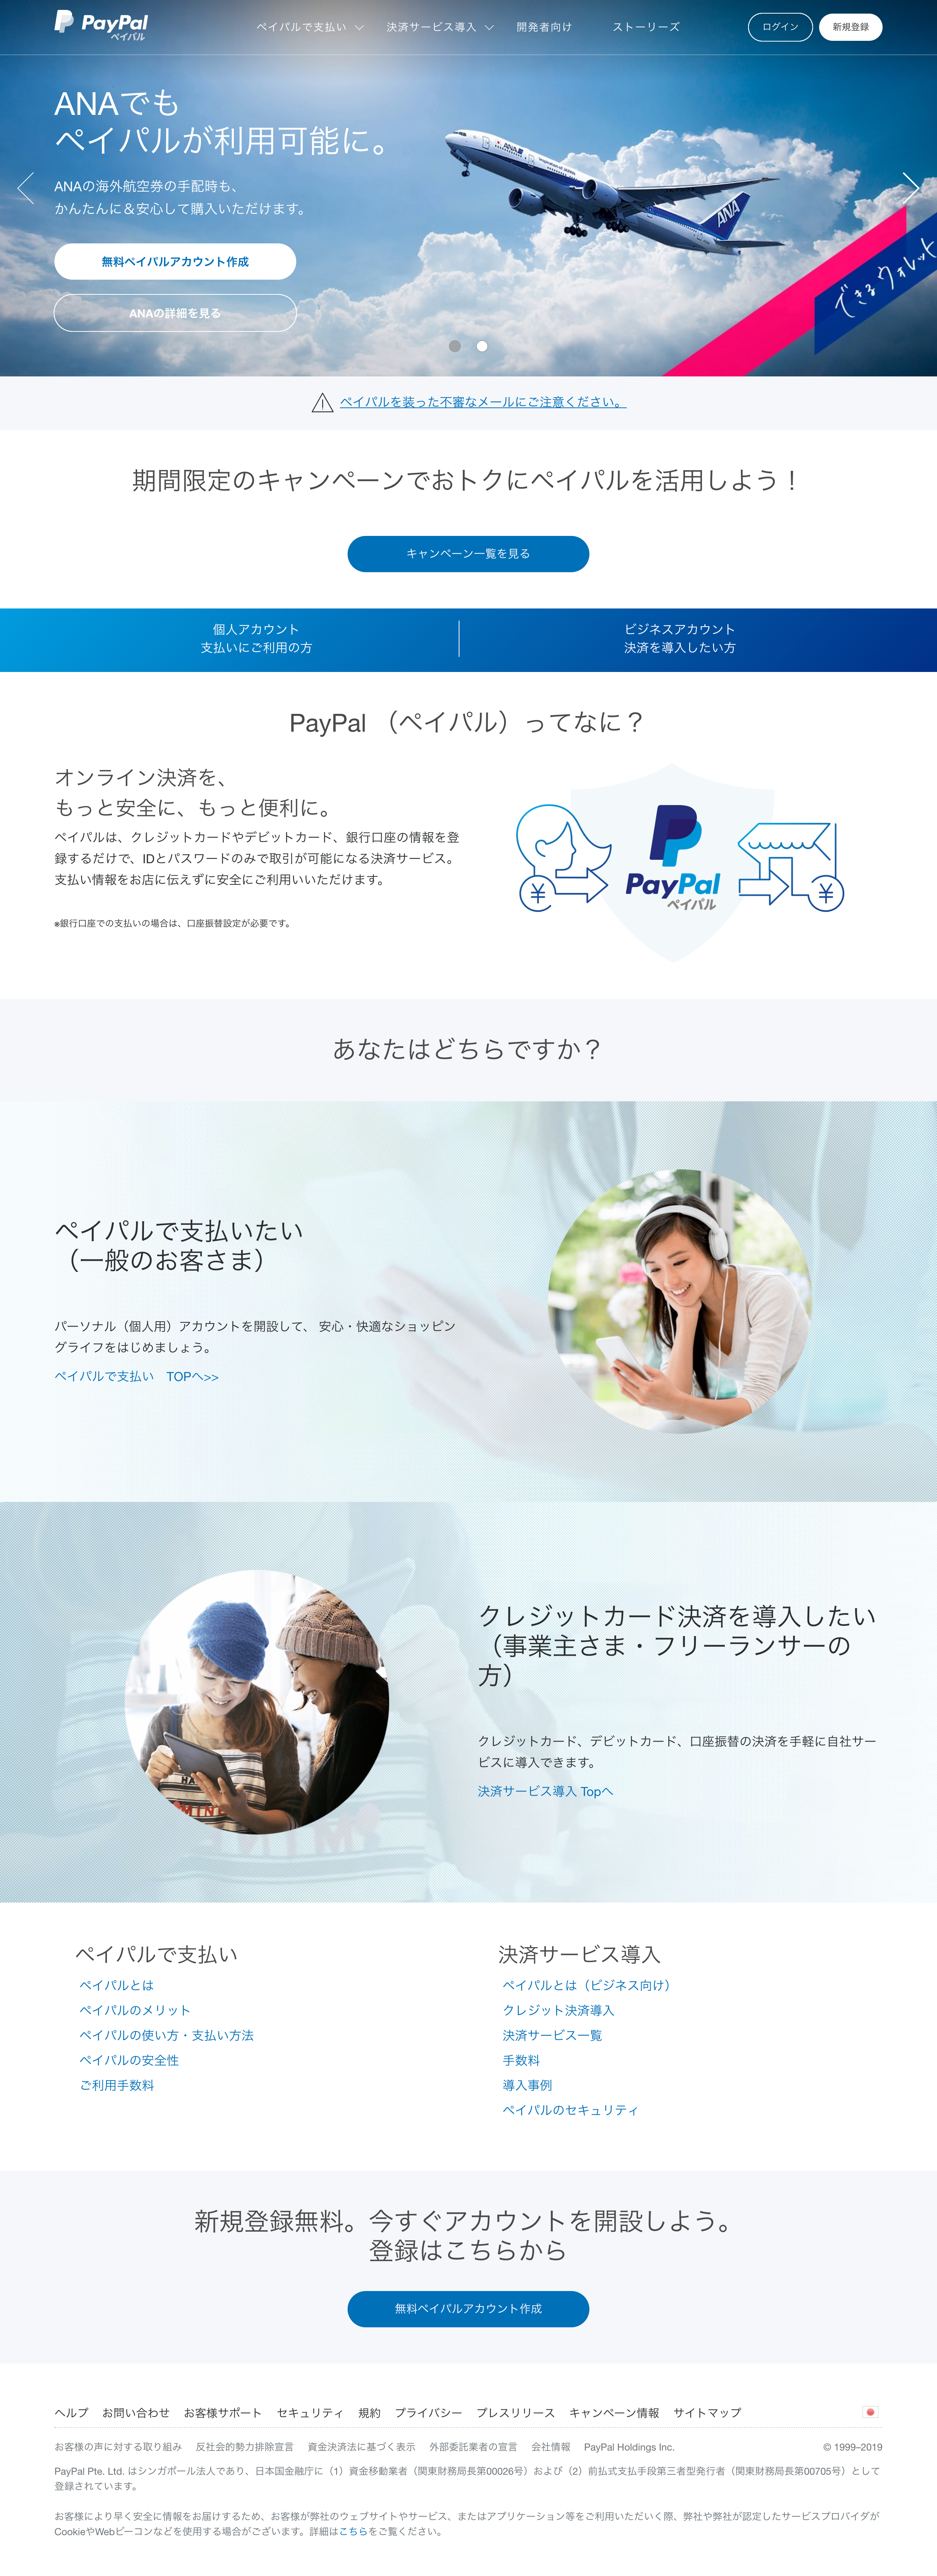 Pin By サイノマーケティング On Design Design Pandora Screenshot